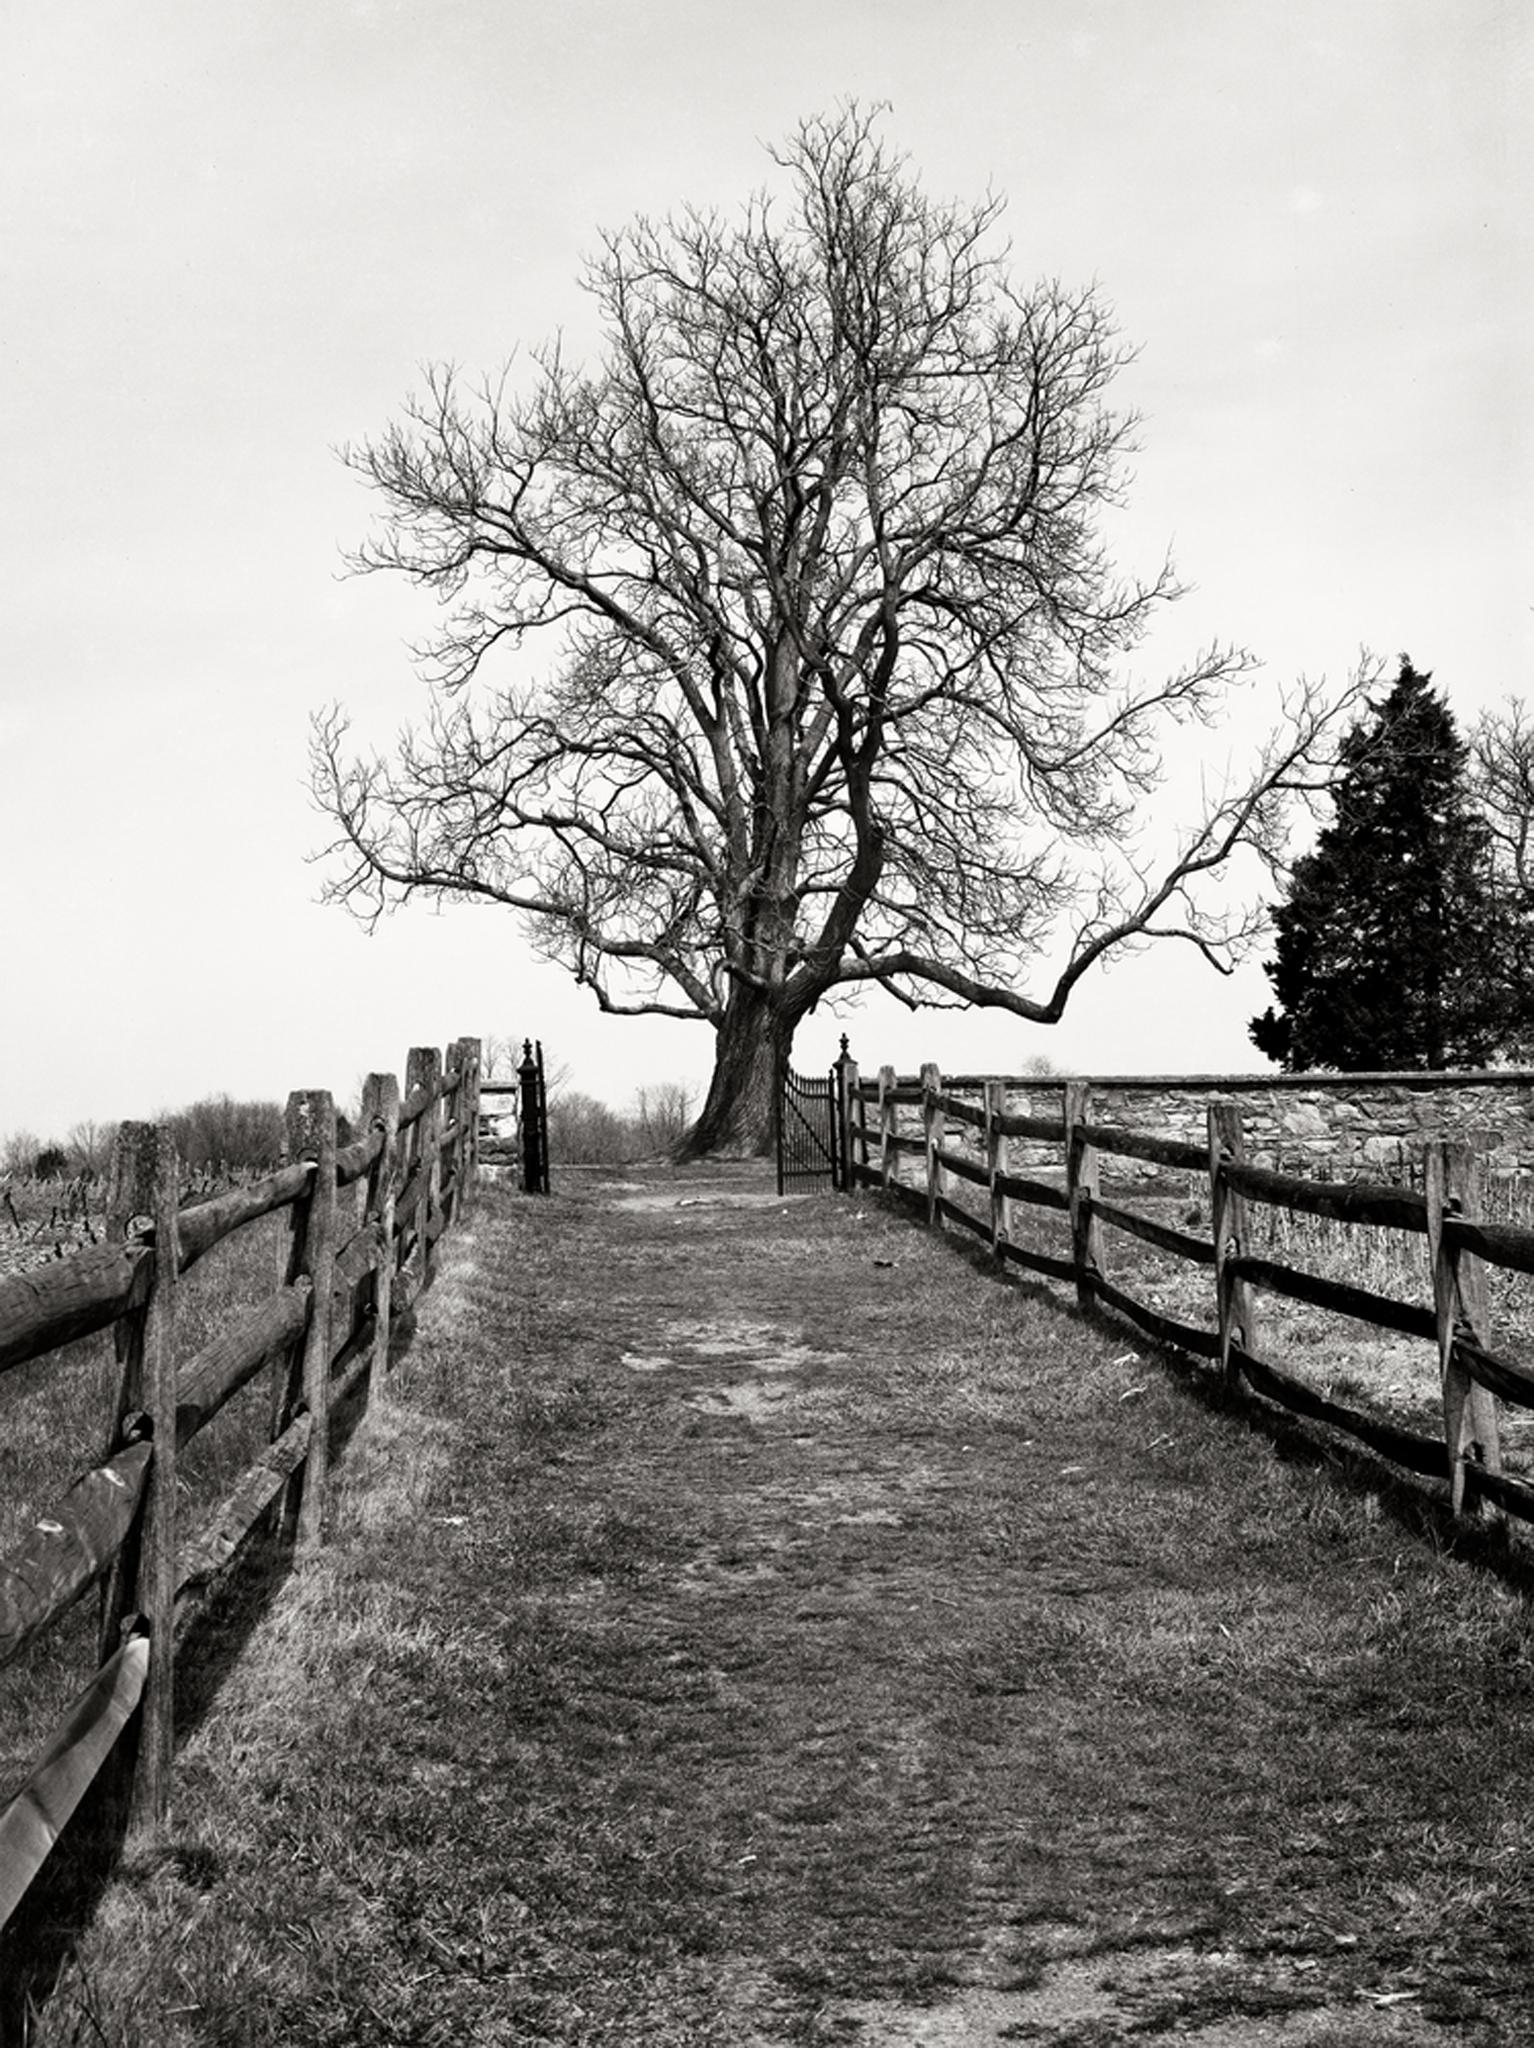 Path to family cemetery on Mumma Farm at Antietam.